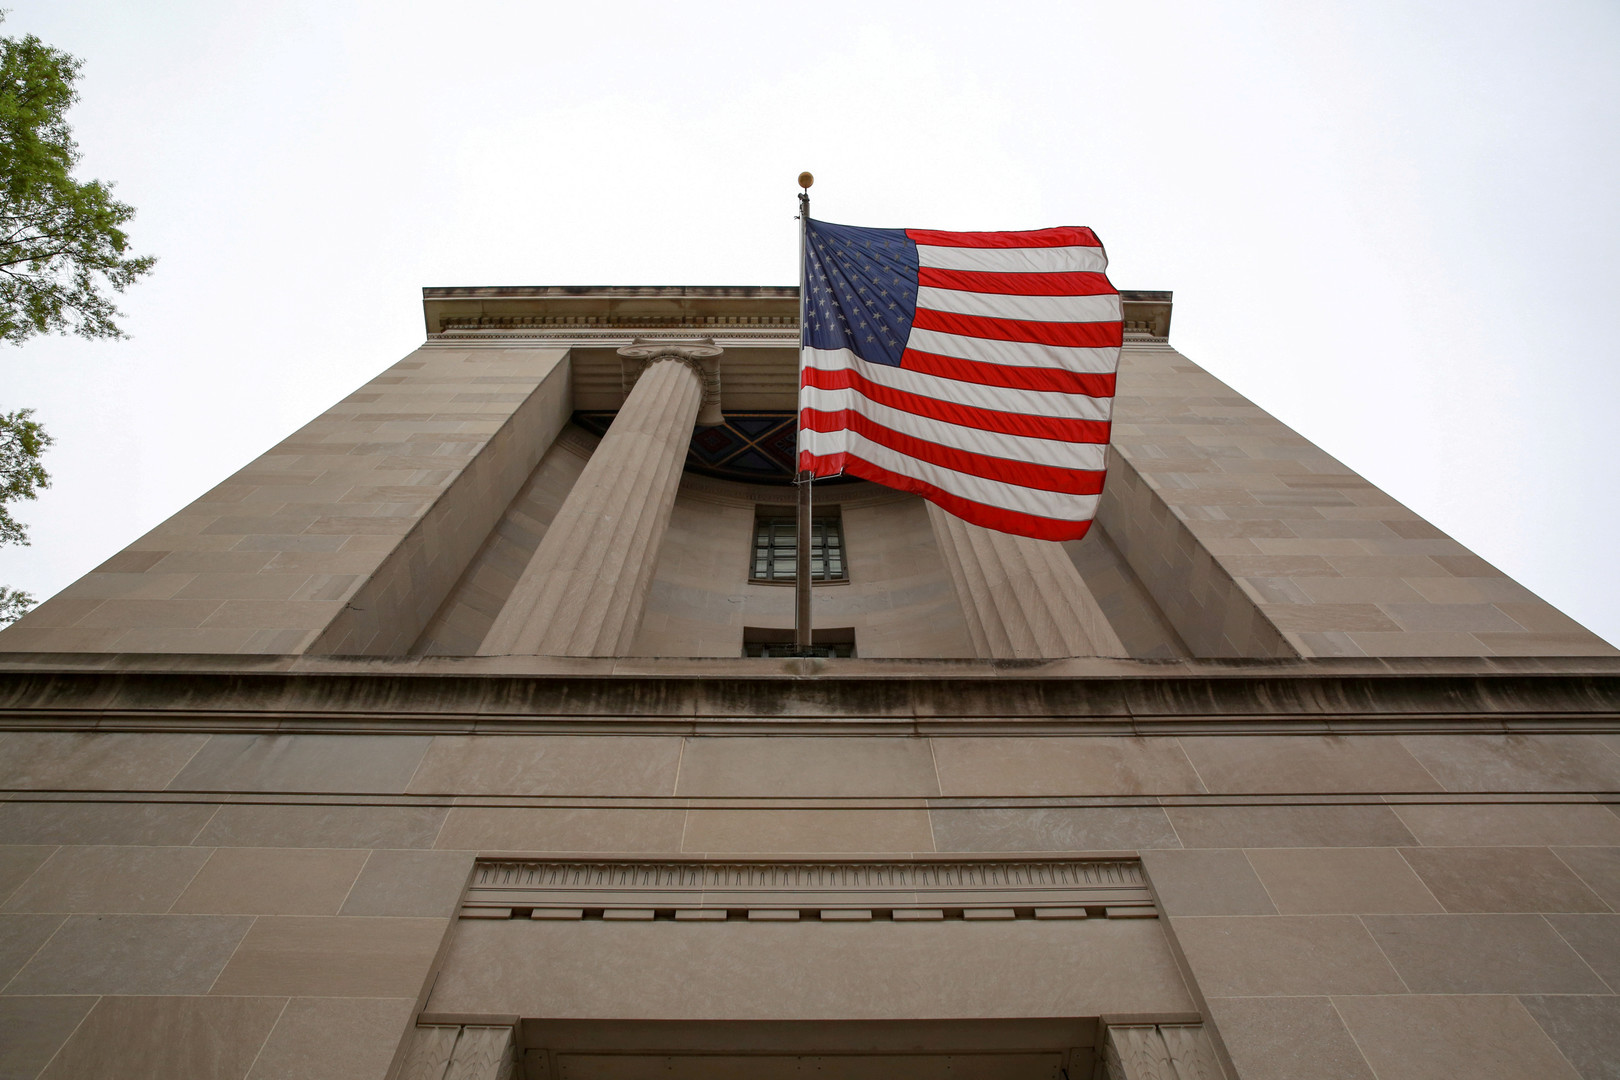 مبنى وزارة العدل الأمريكية في واشنطن